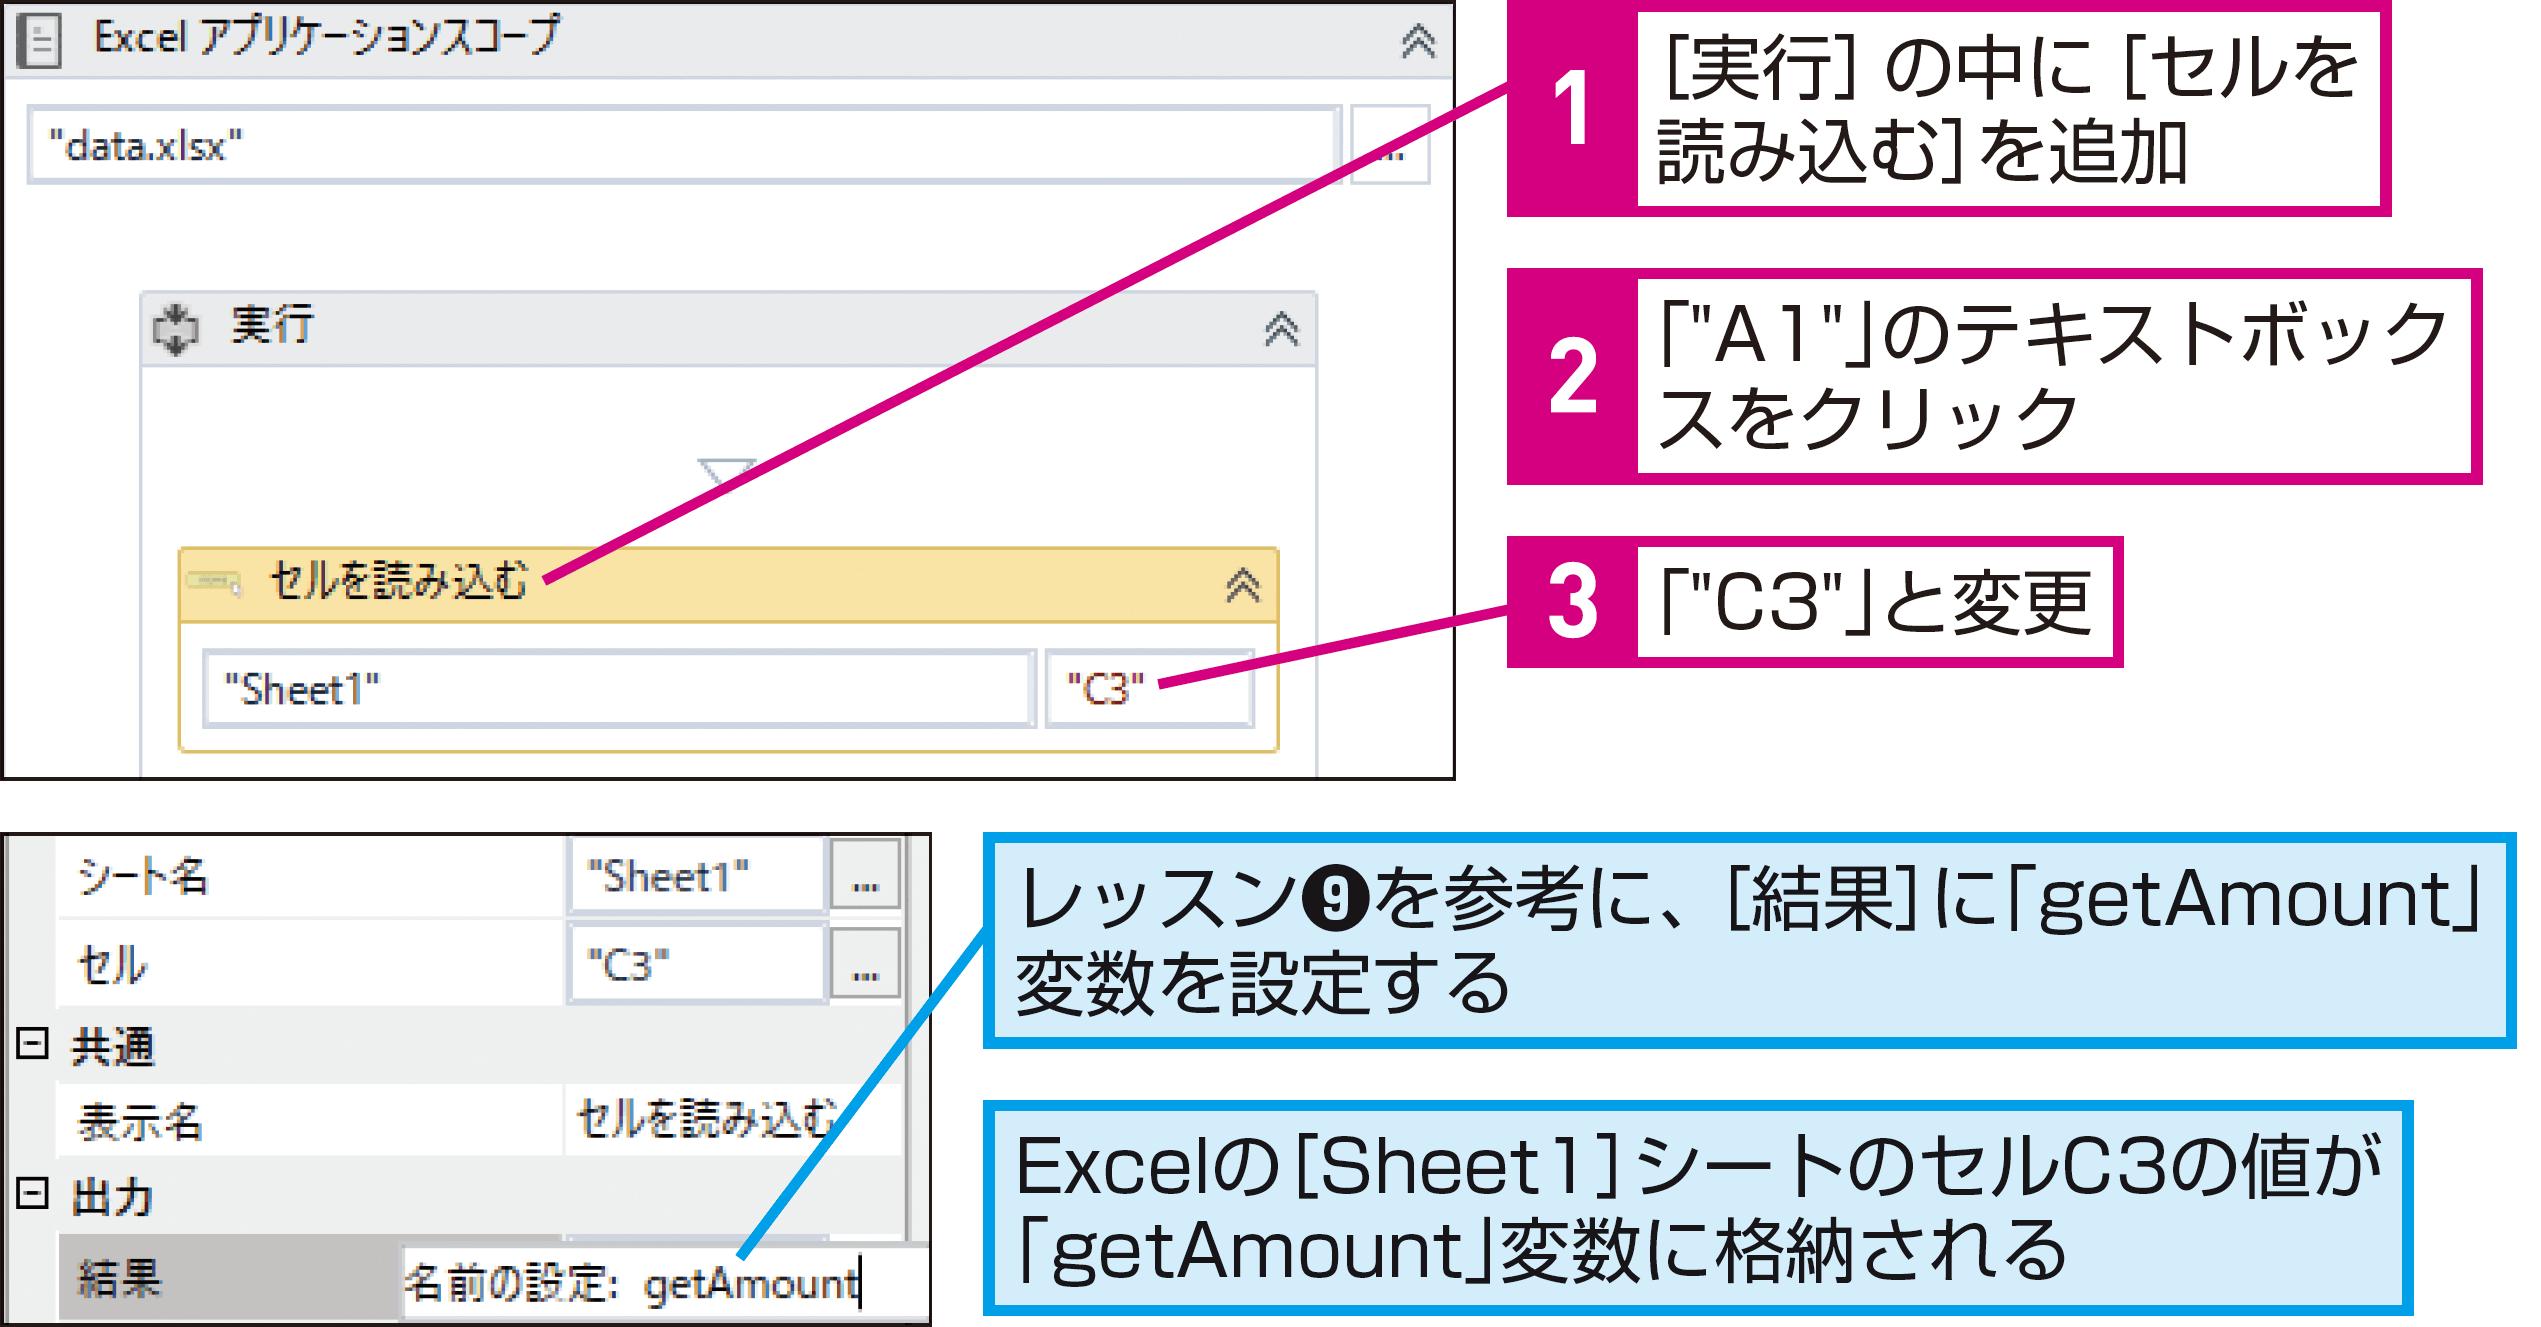 できるUiPath】Excelからデータを取得して業務を自動化しよう | できるネット